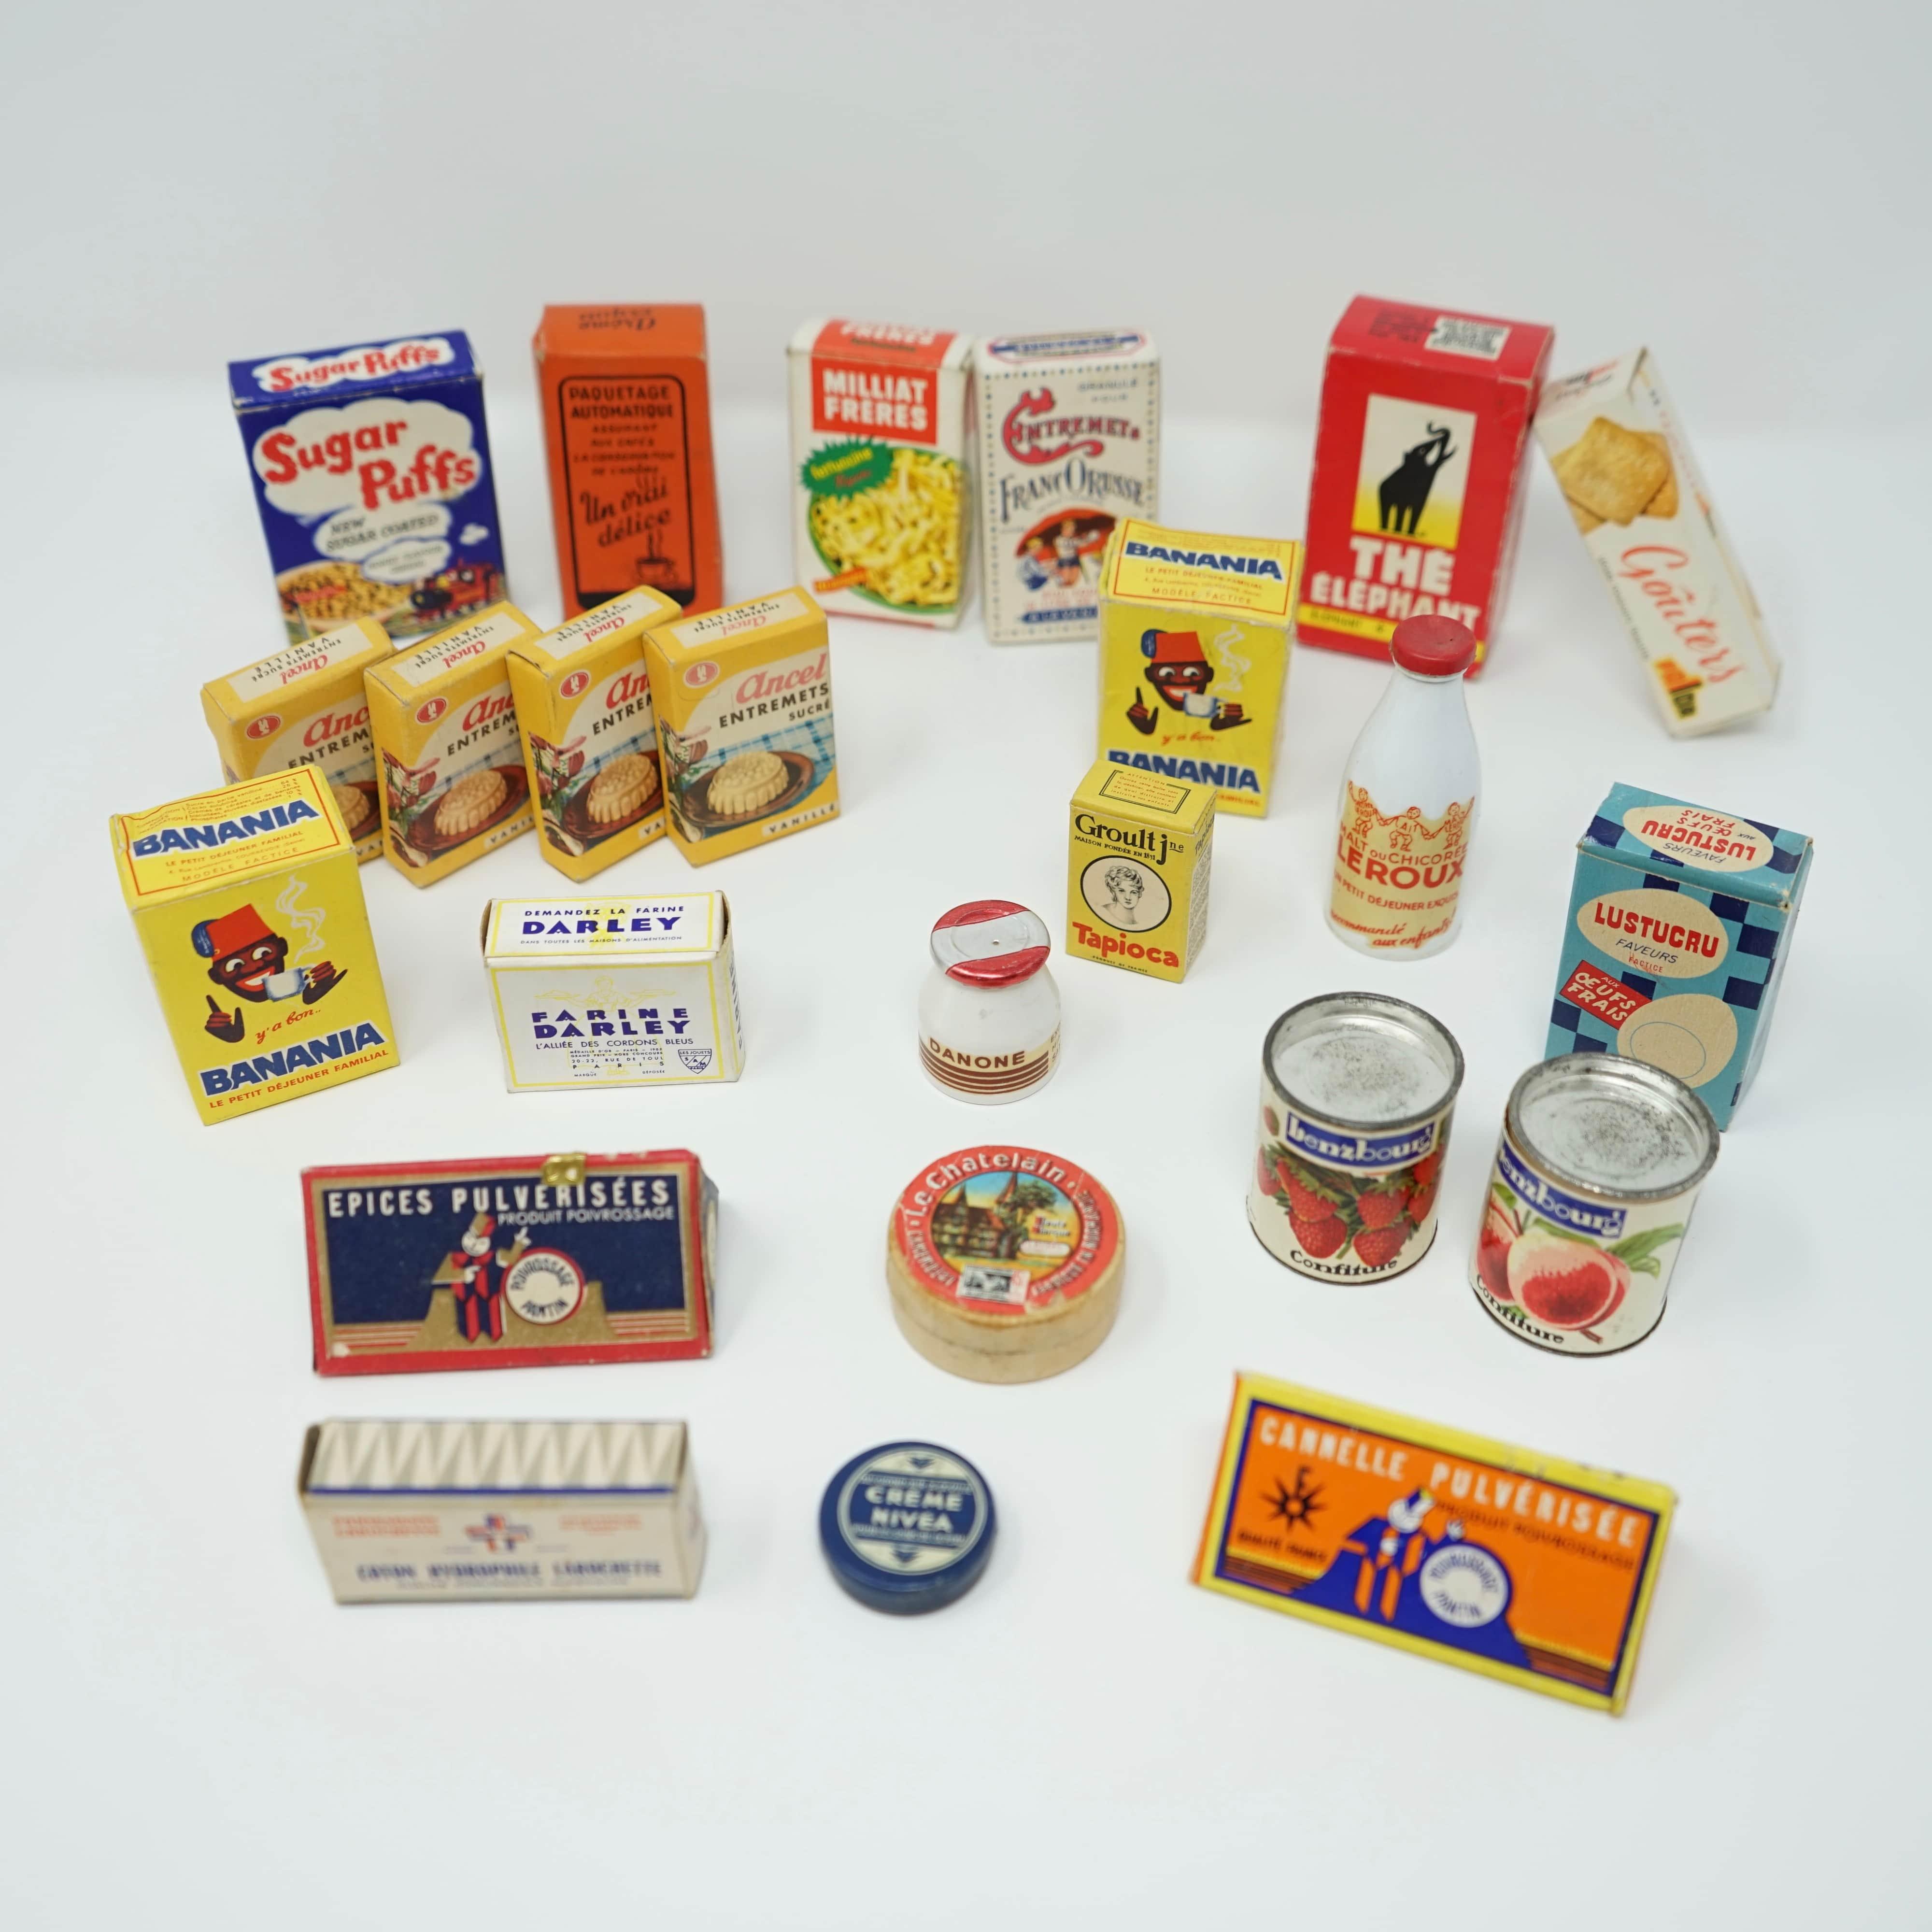 Lot de Boites d'Épicerie Publicitaires Banania Nivea Danone Kellogg's